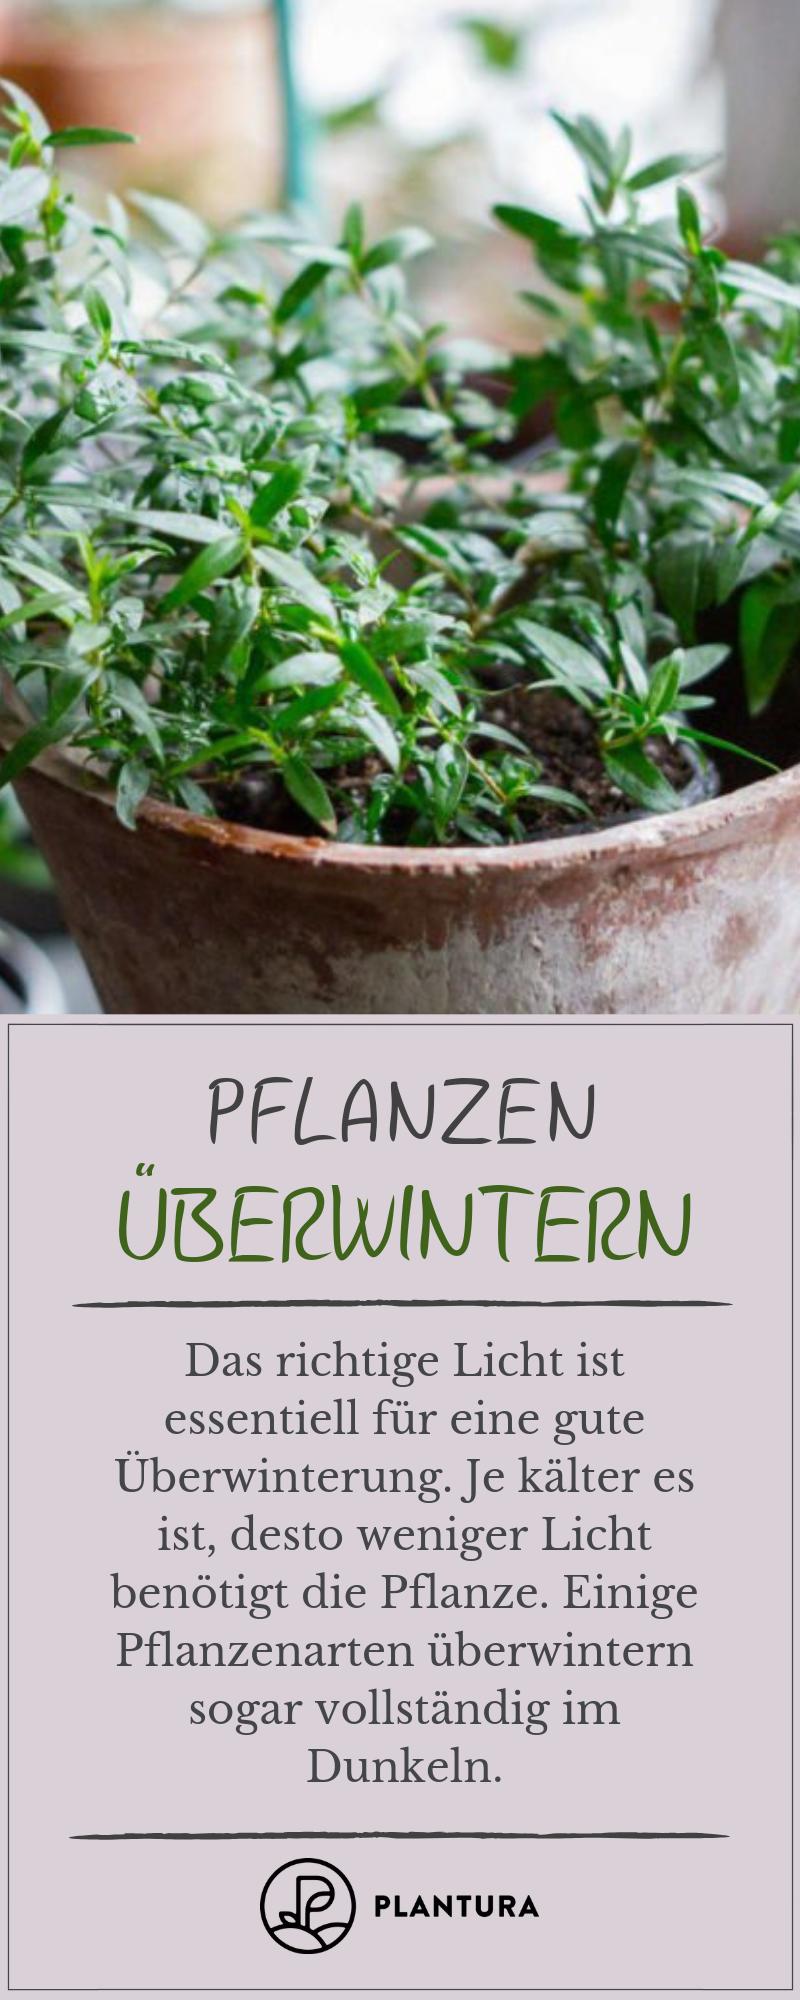 Pflanzen richtigüberwintern 10 Experten Tipps für Ihren Garten DIY Garten Anleitungen  ~ 26155015_Sukkulenten Überwintern Temperatur